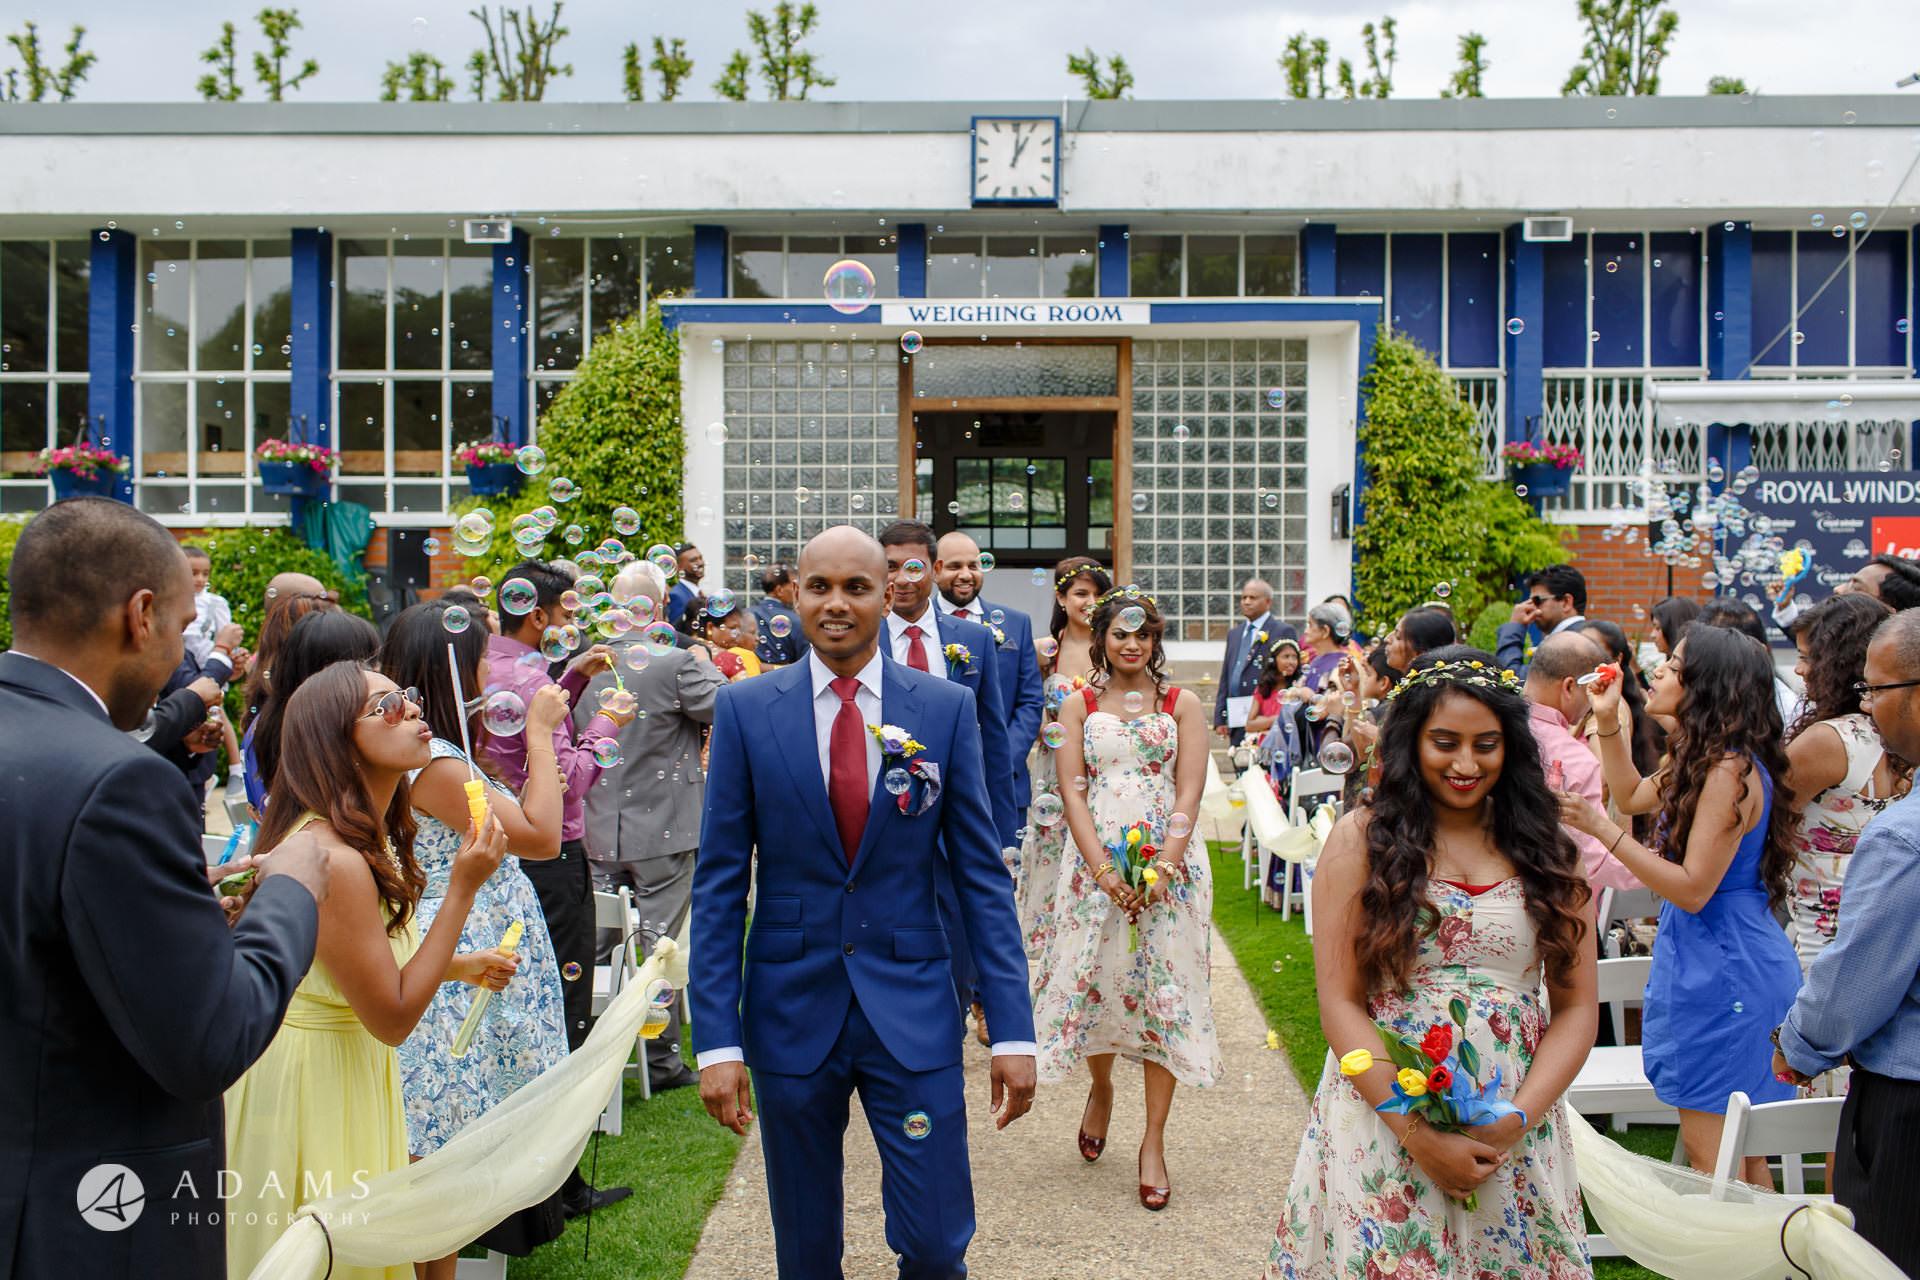 Windsor Racecourse Wedding Photographer | Saranya + Gobi 26